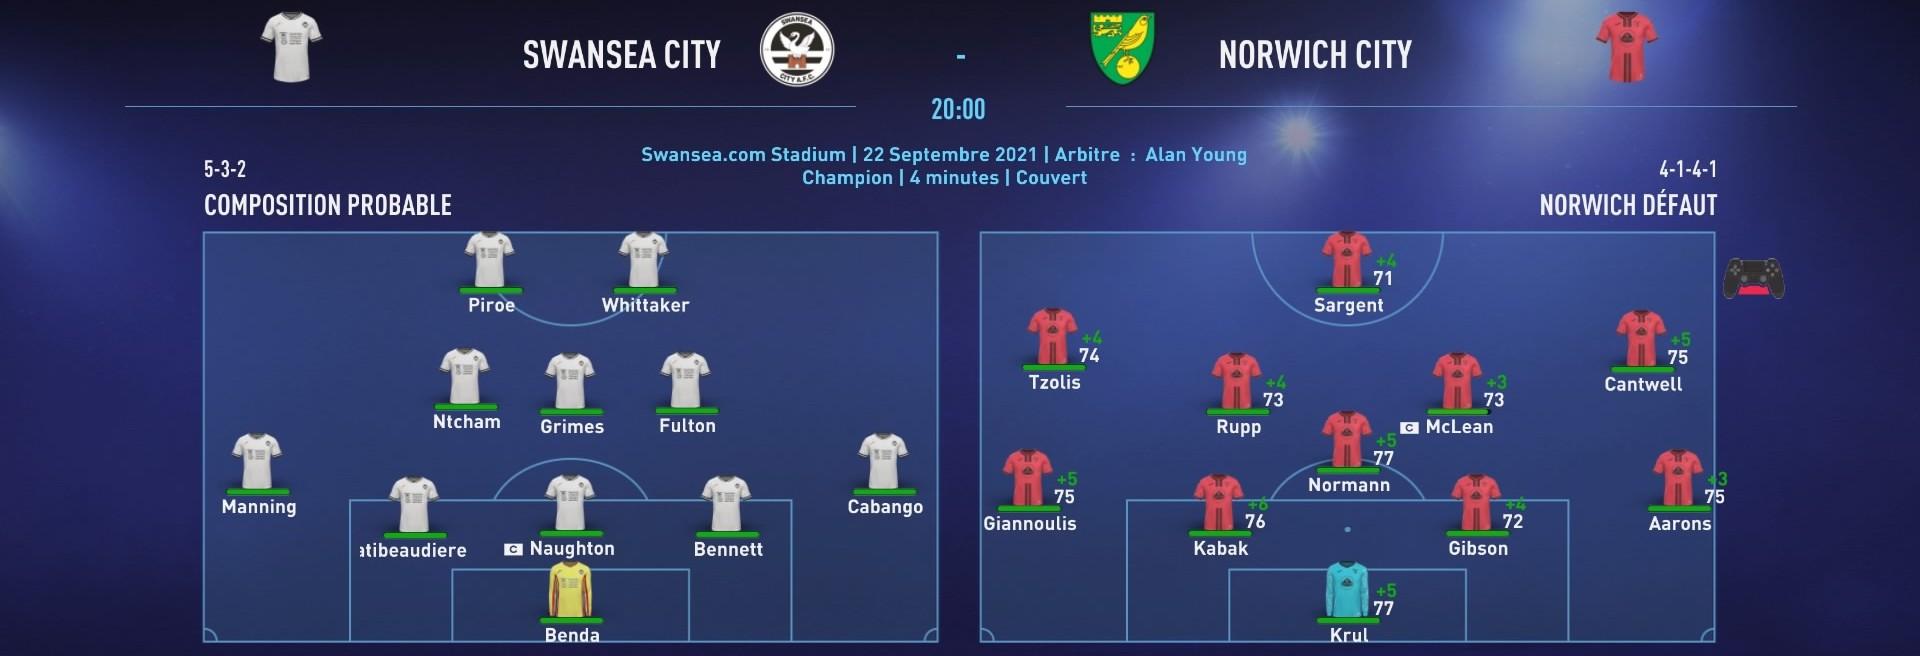 [FIFA 22] Story | Les Canaries à l'aube d'une nouvelle ère Fifa_266